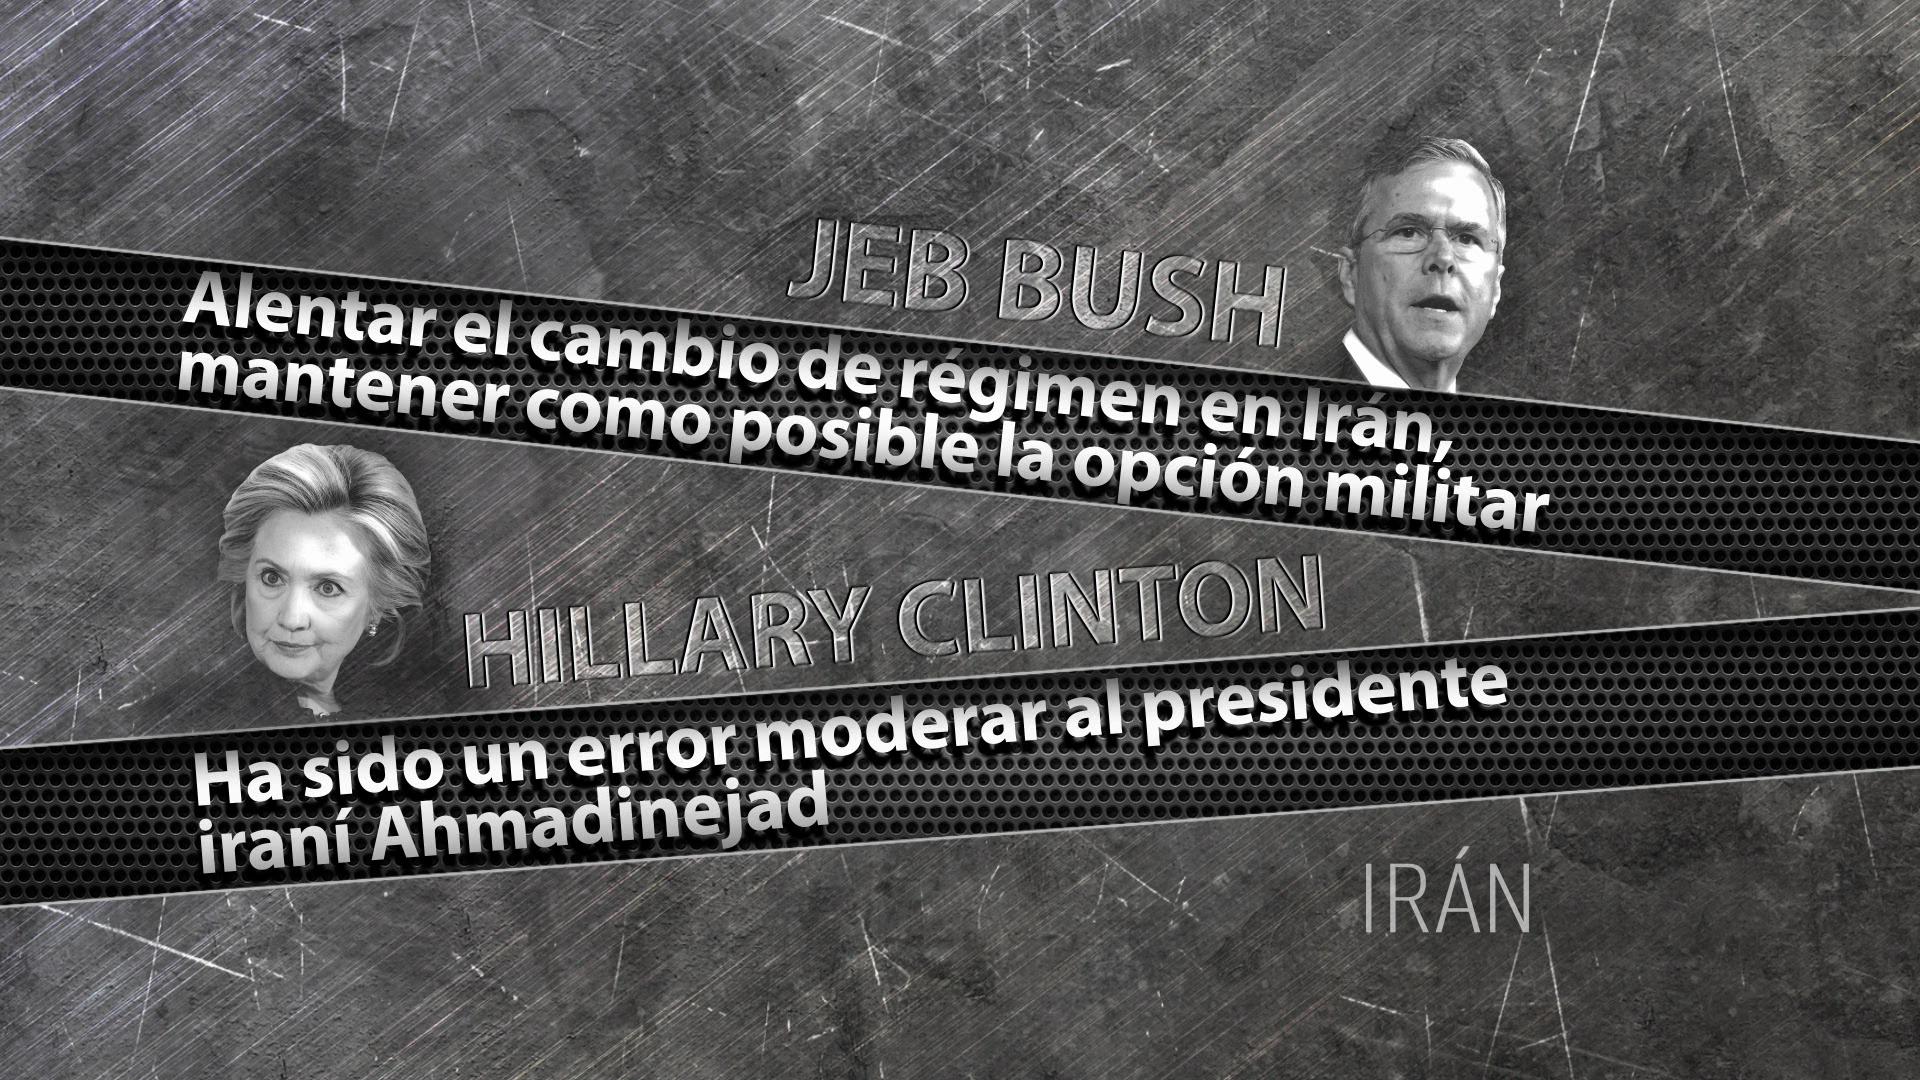 Las posturas de Jeb Bush y Hillary Clinton sobre Irán